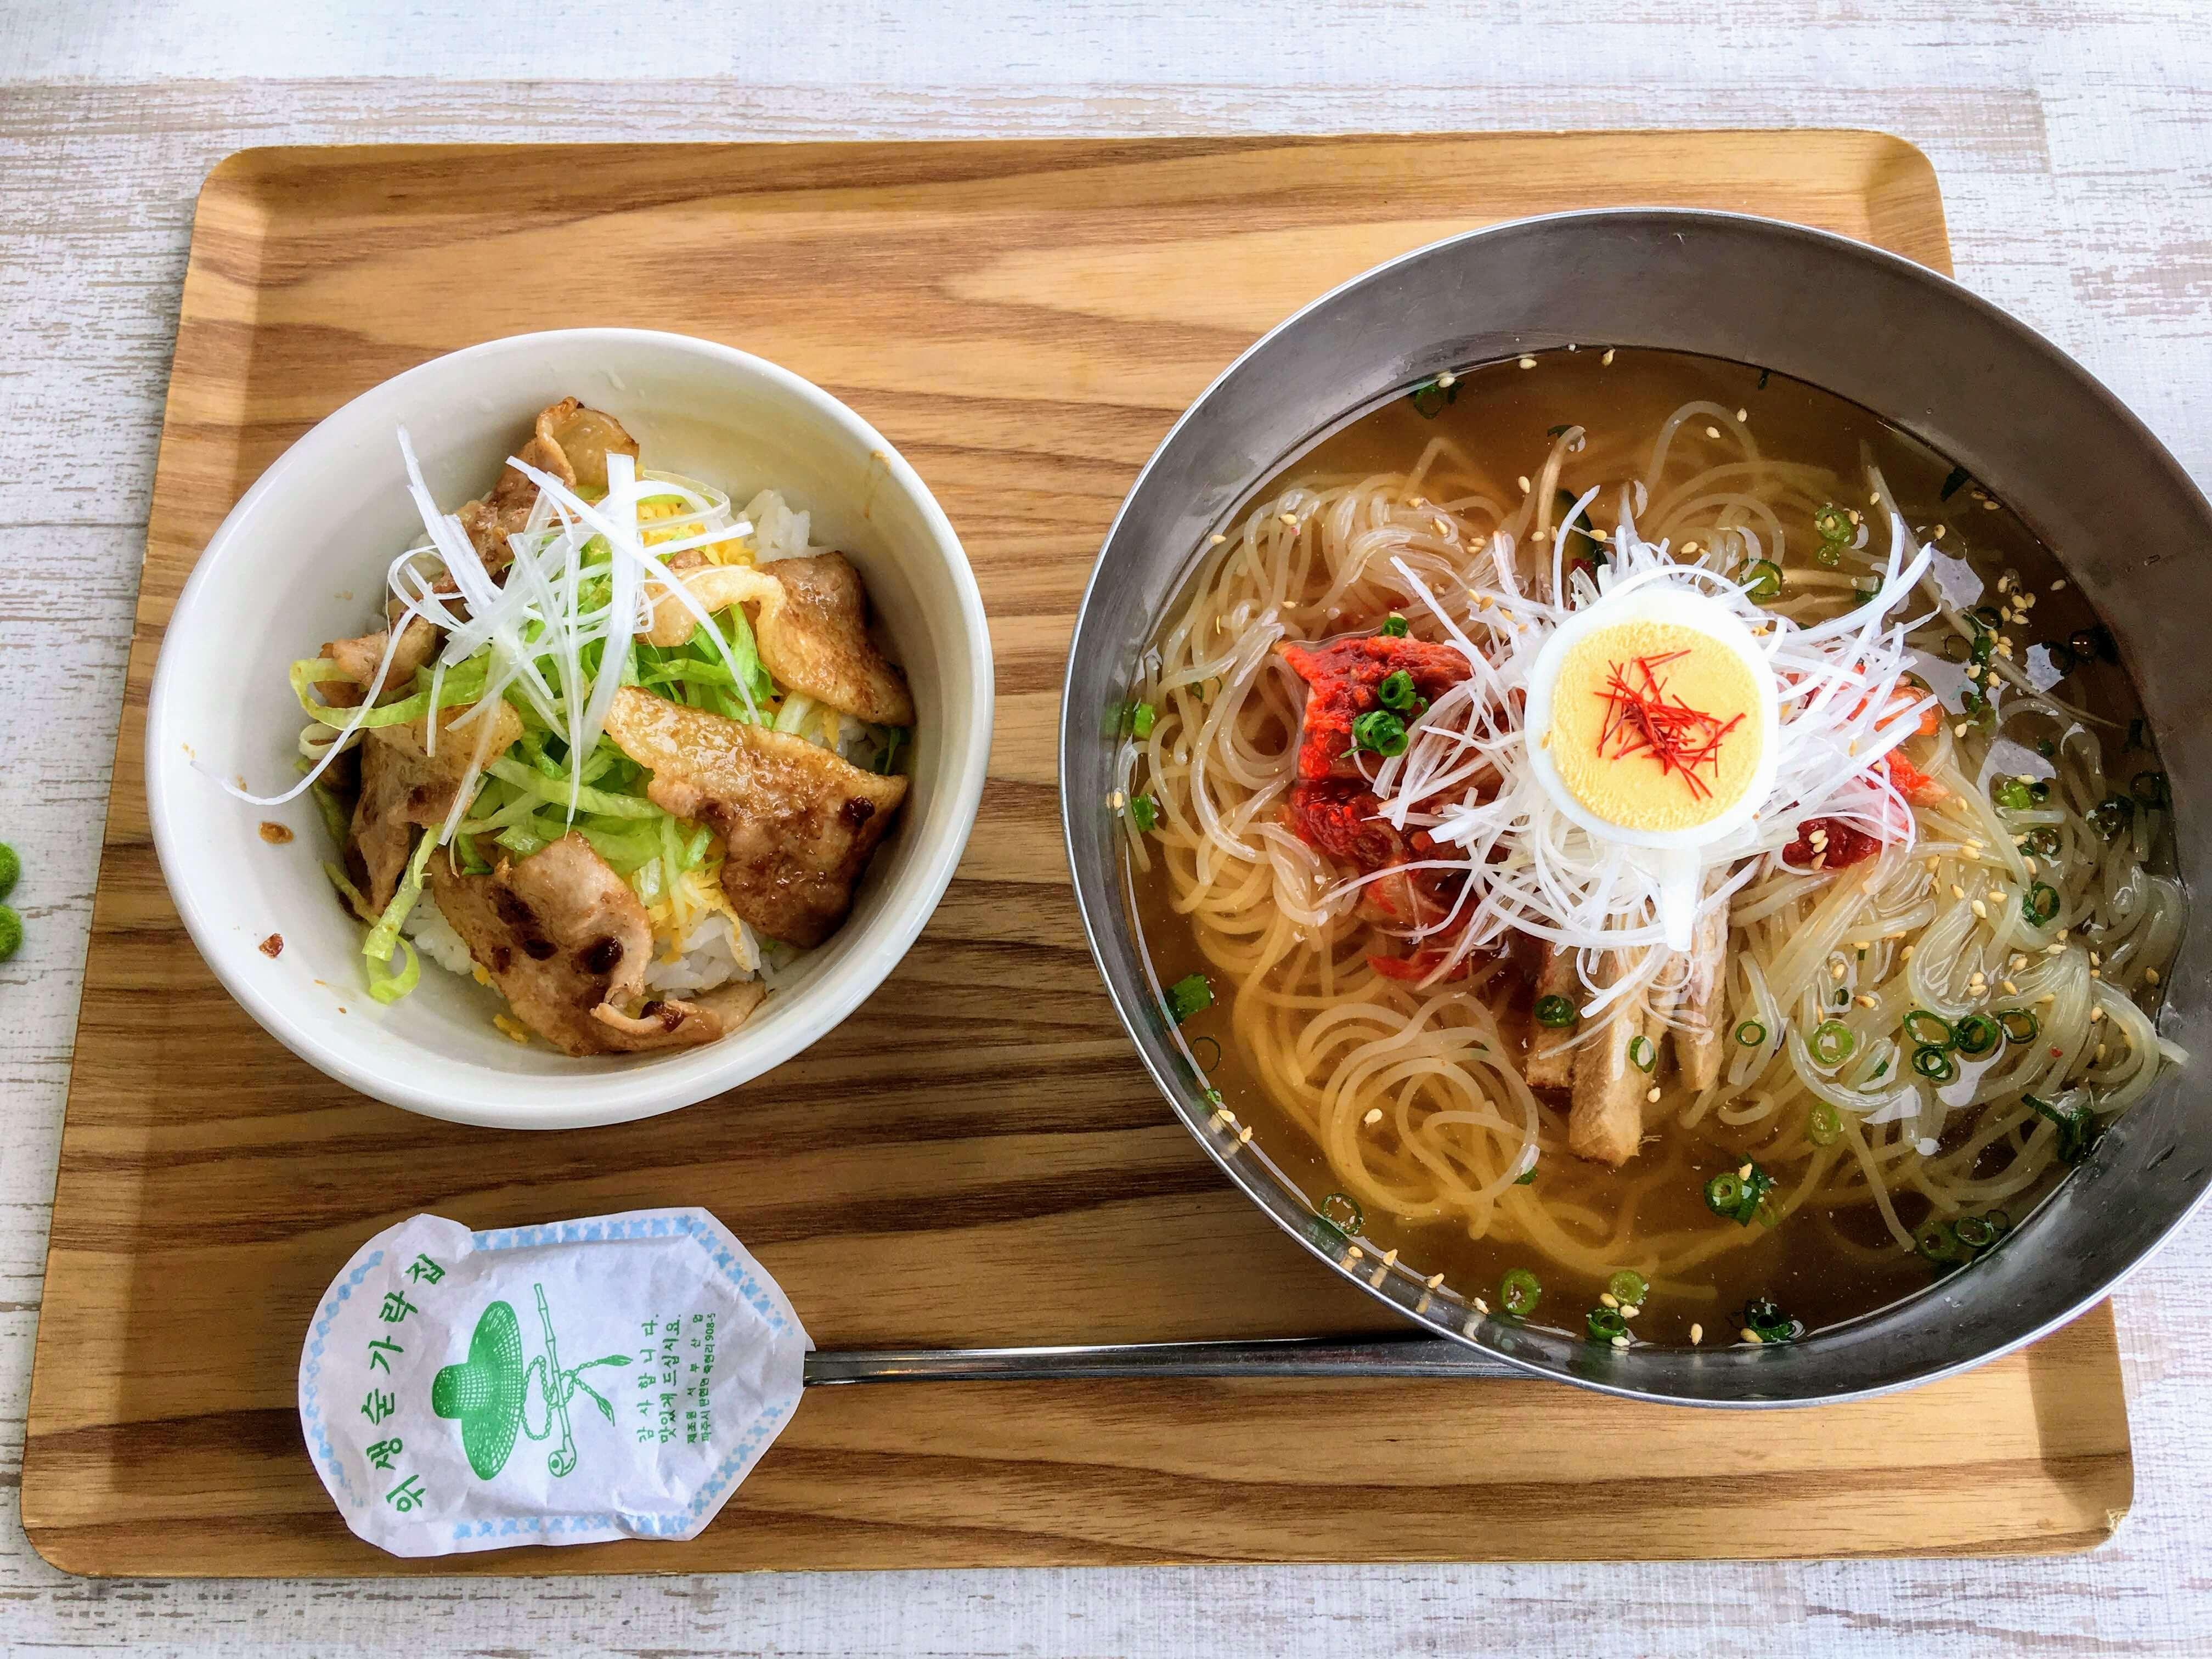 ランチメニューの「特製韓国冷麺とミニ黒豚セット」